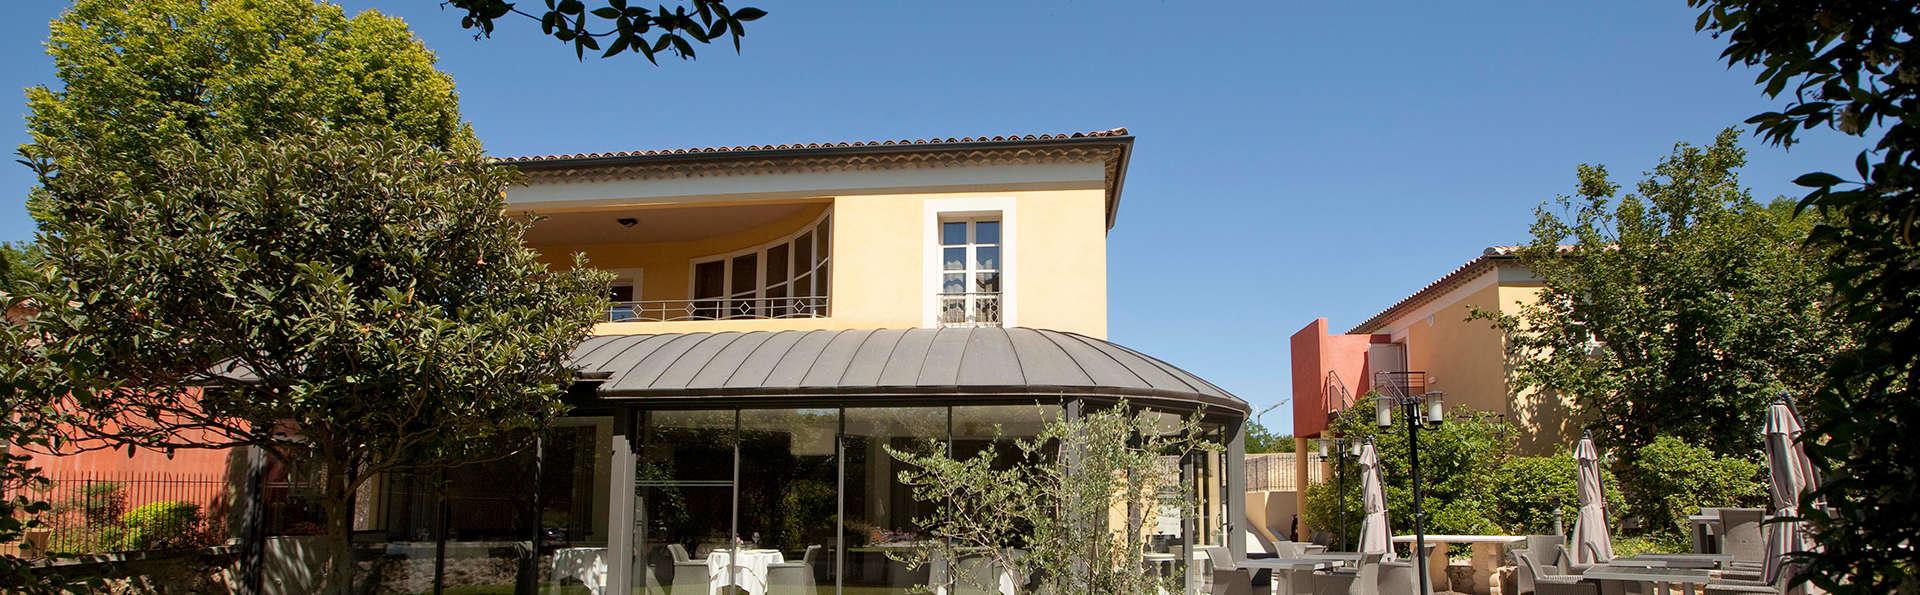 Villa Augusta - edit_front3.jpg